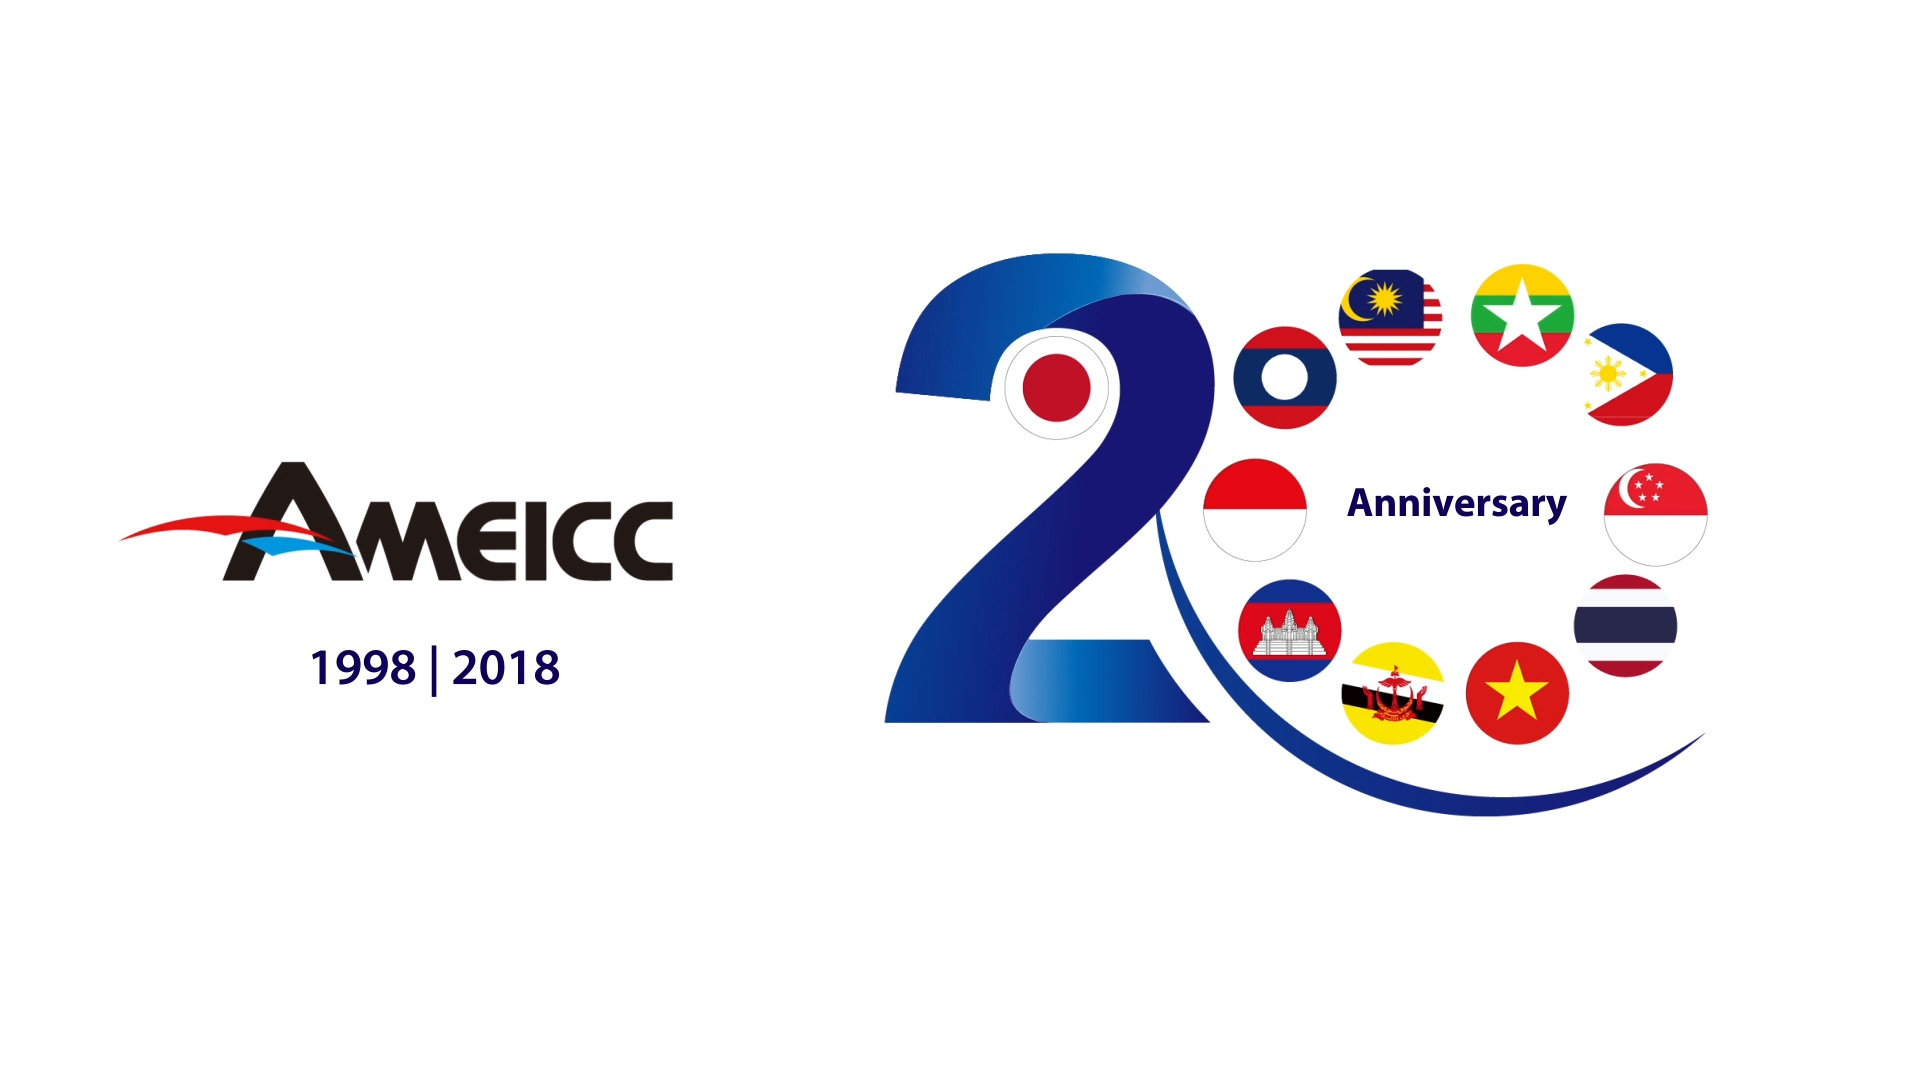 AMEICC 1.jpg